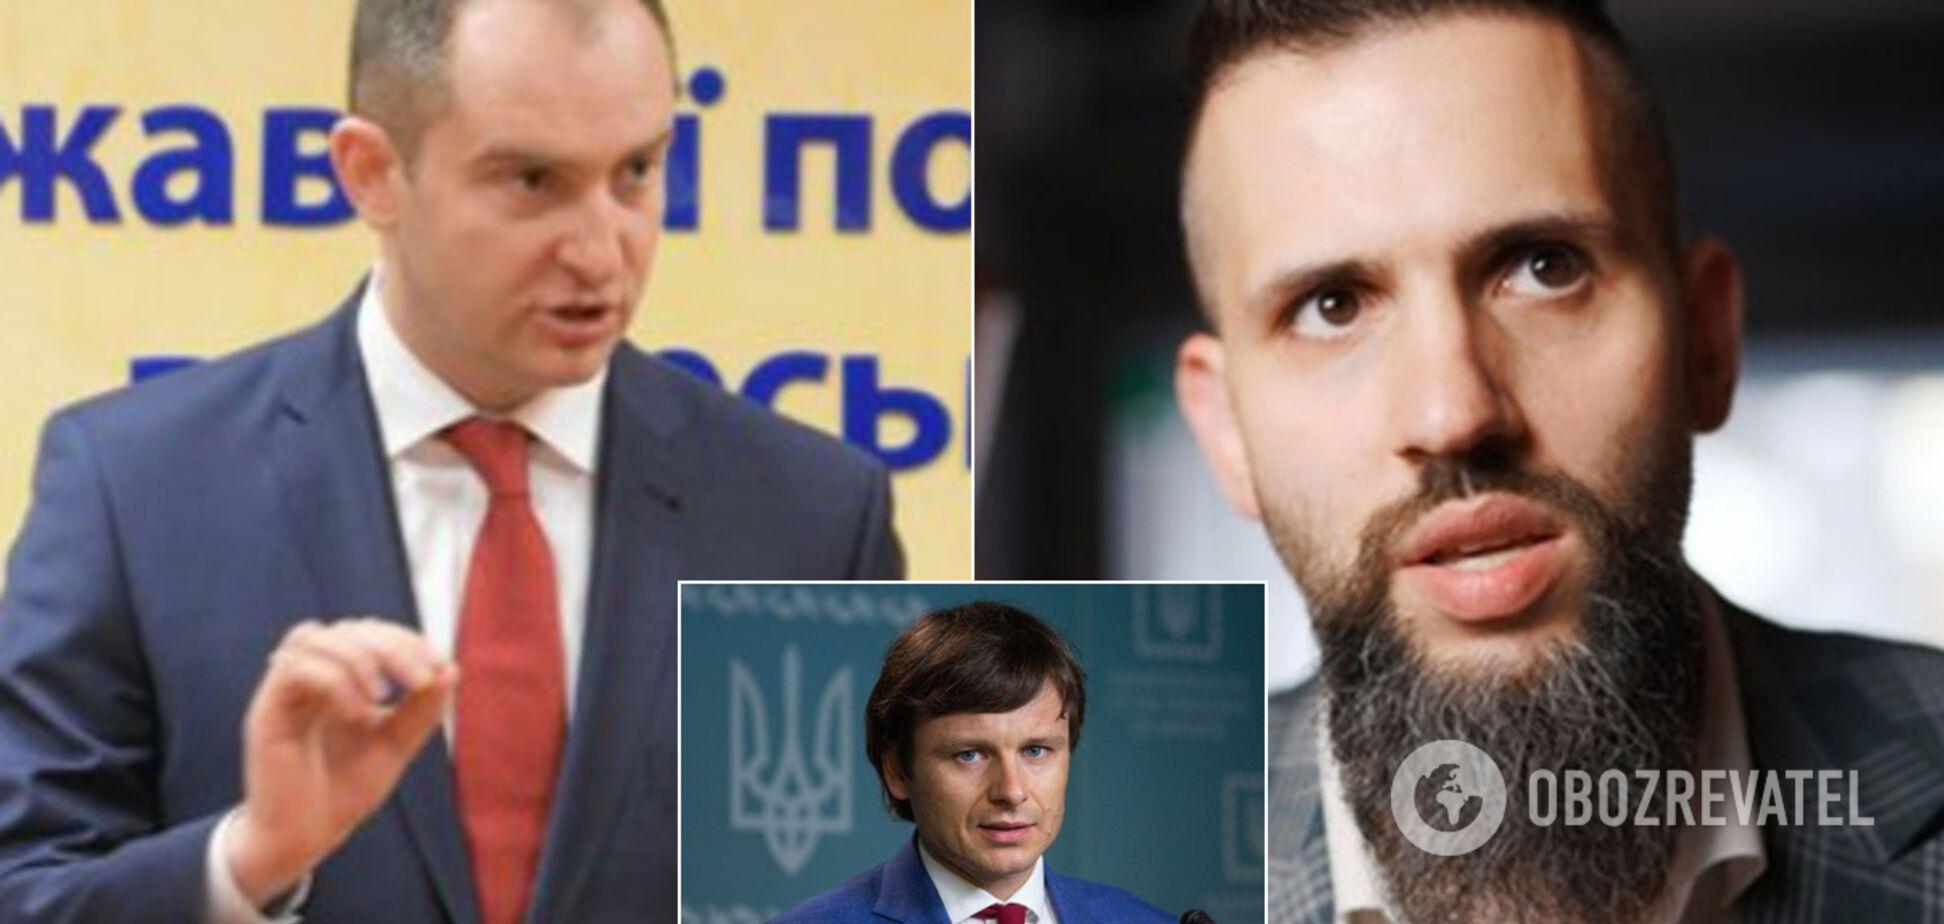 Назначены временные руководители таможни и налоговой: кто заменит Нефьодова и Верланова